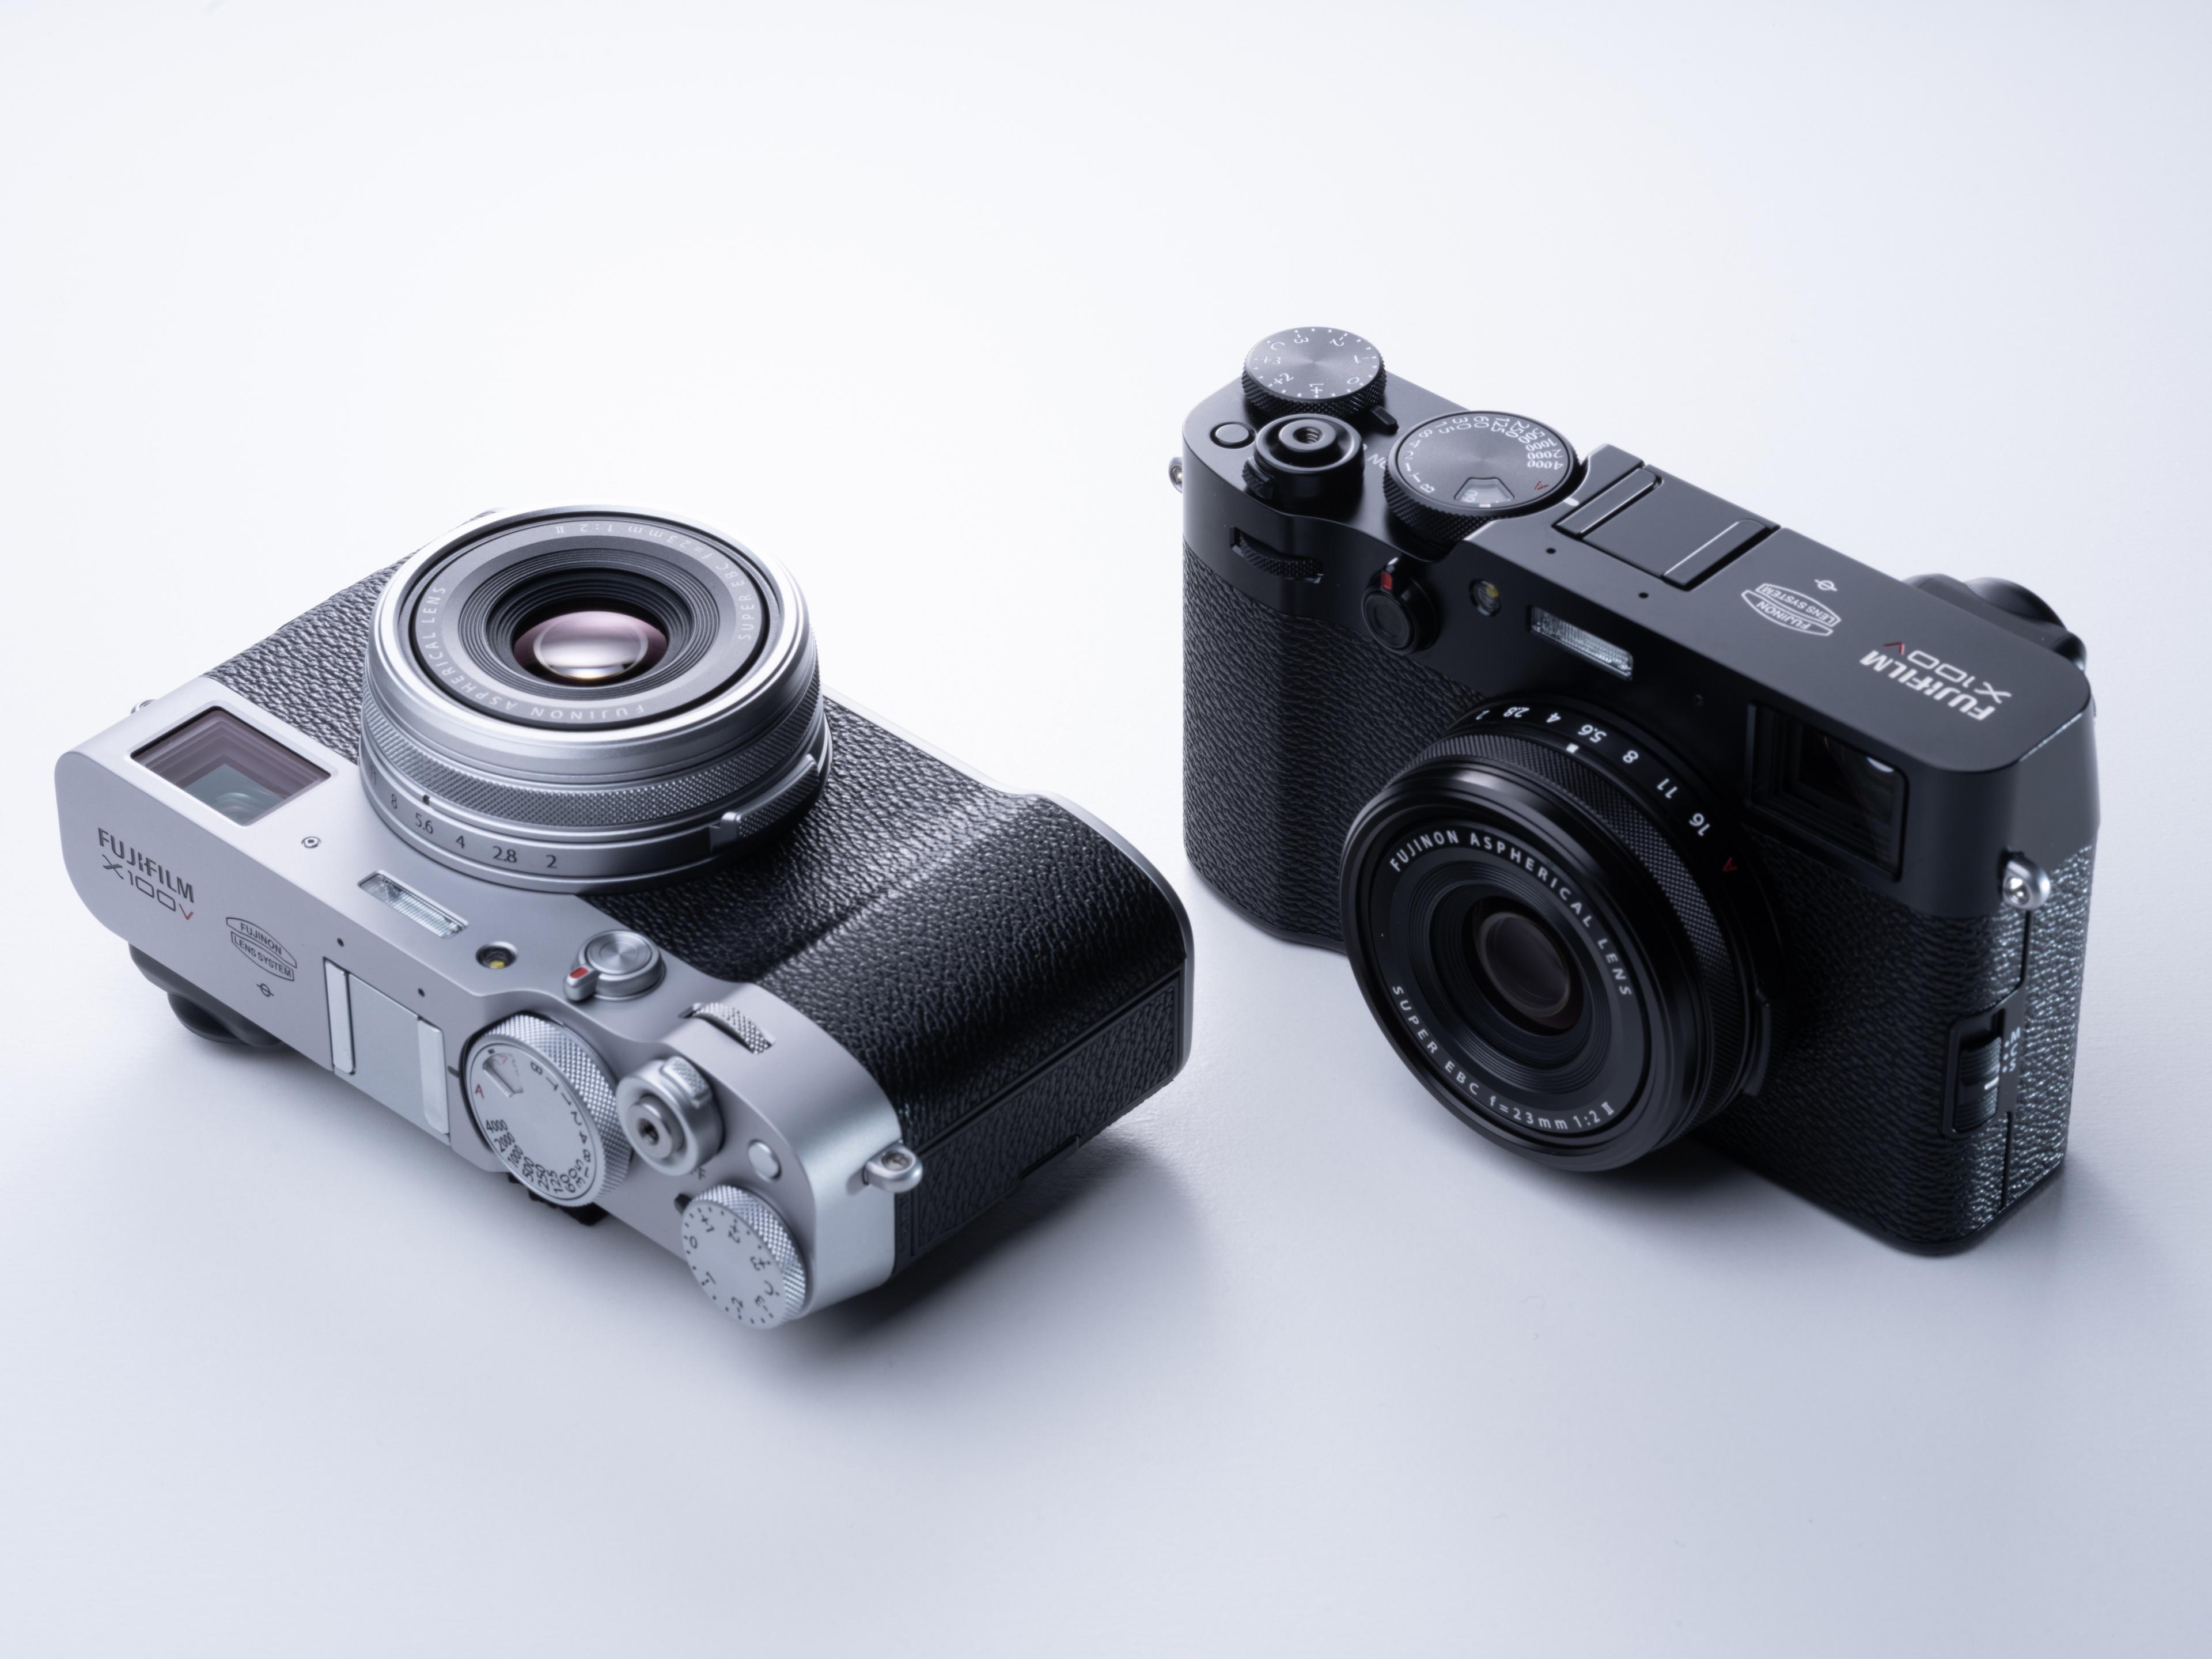 camerastuffreview-FUJIFILM-X100V